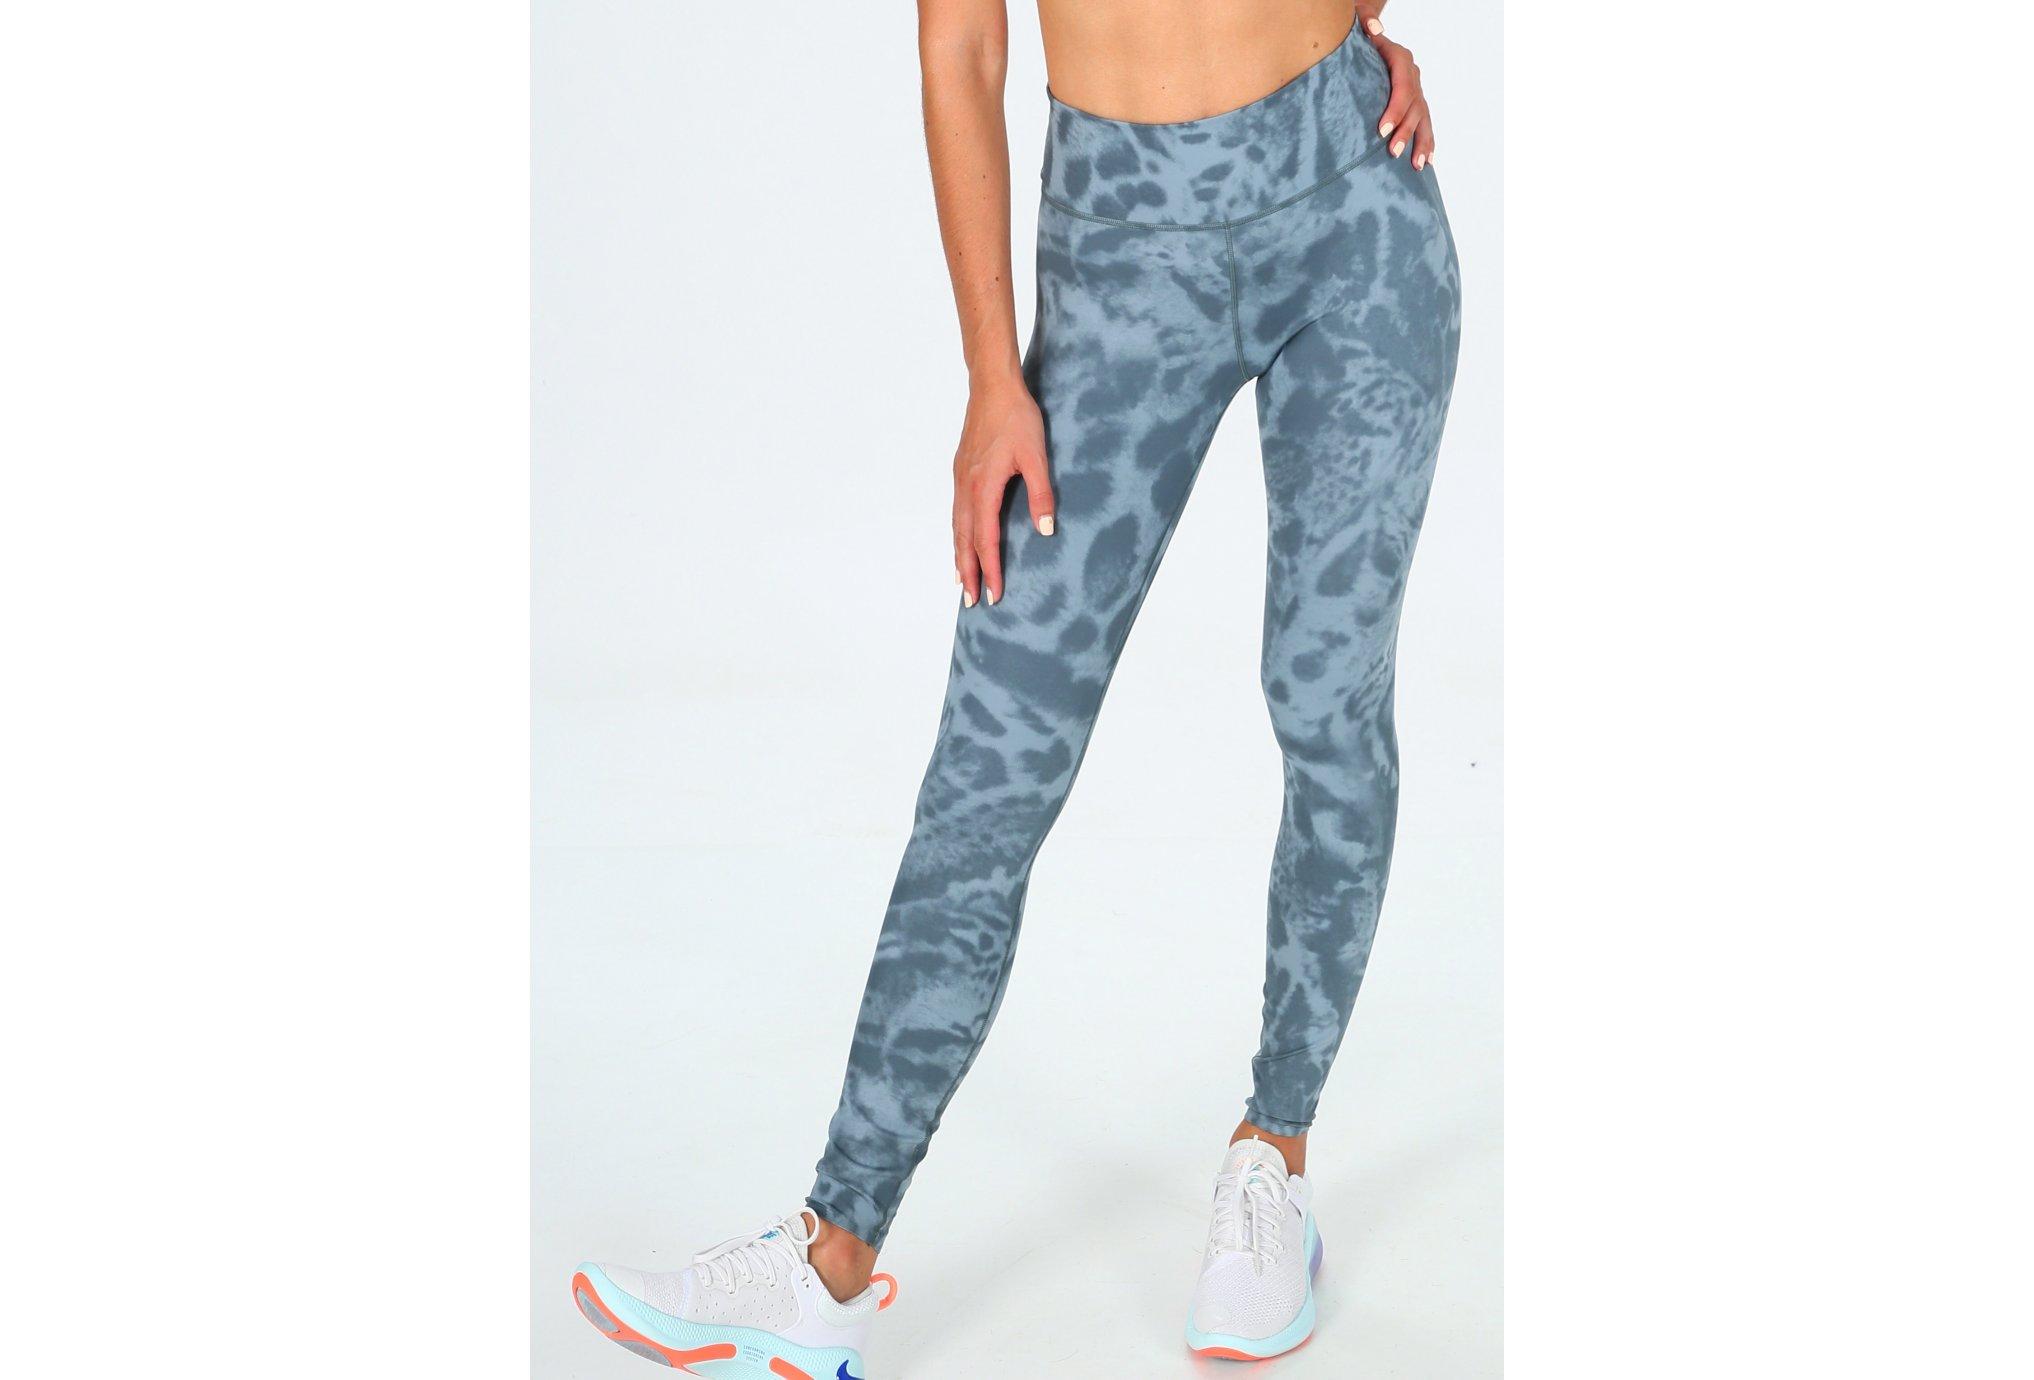 Nike One Luxe Printed 7/8 W Diététique Vêtements femme